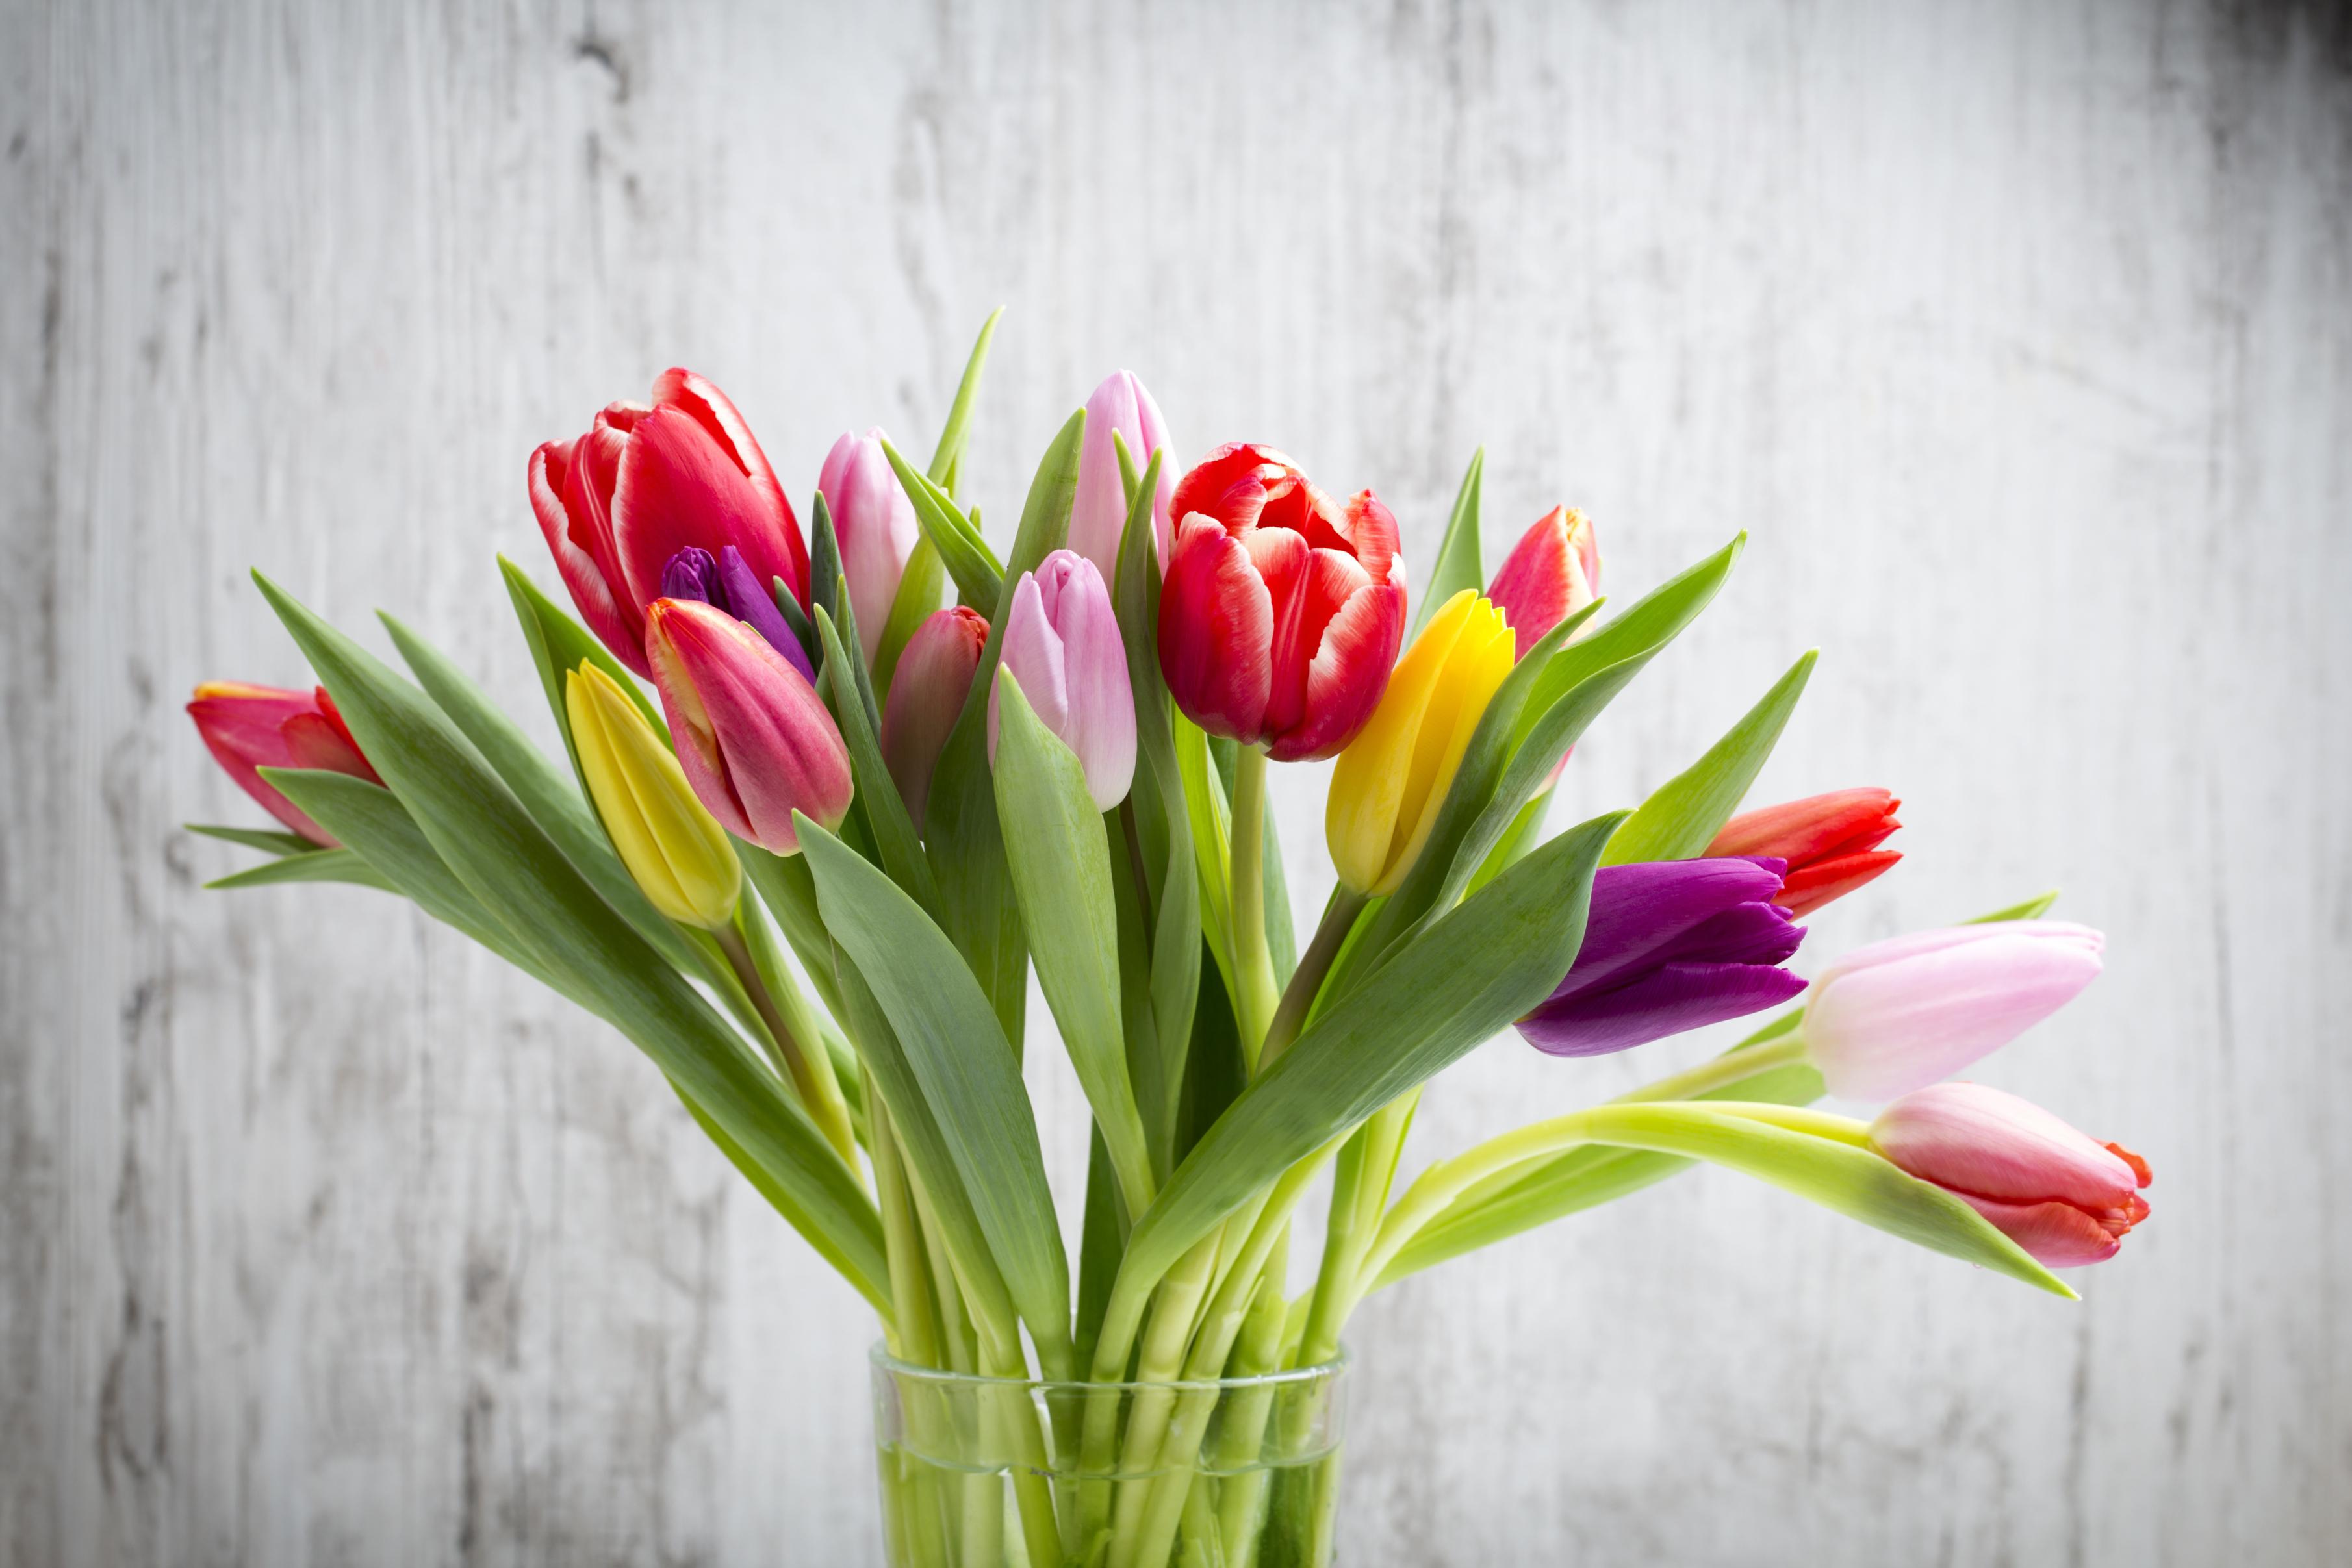 tulip-photo-47